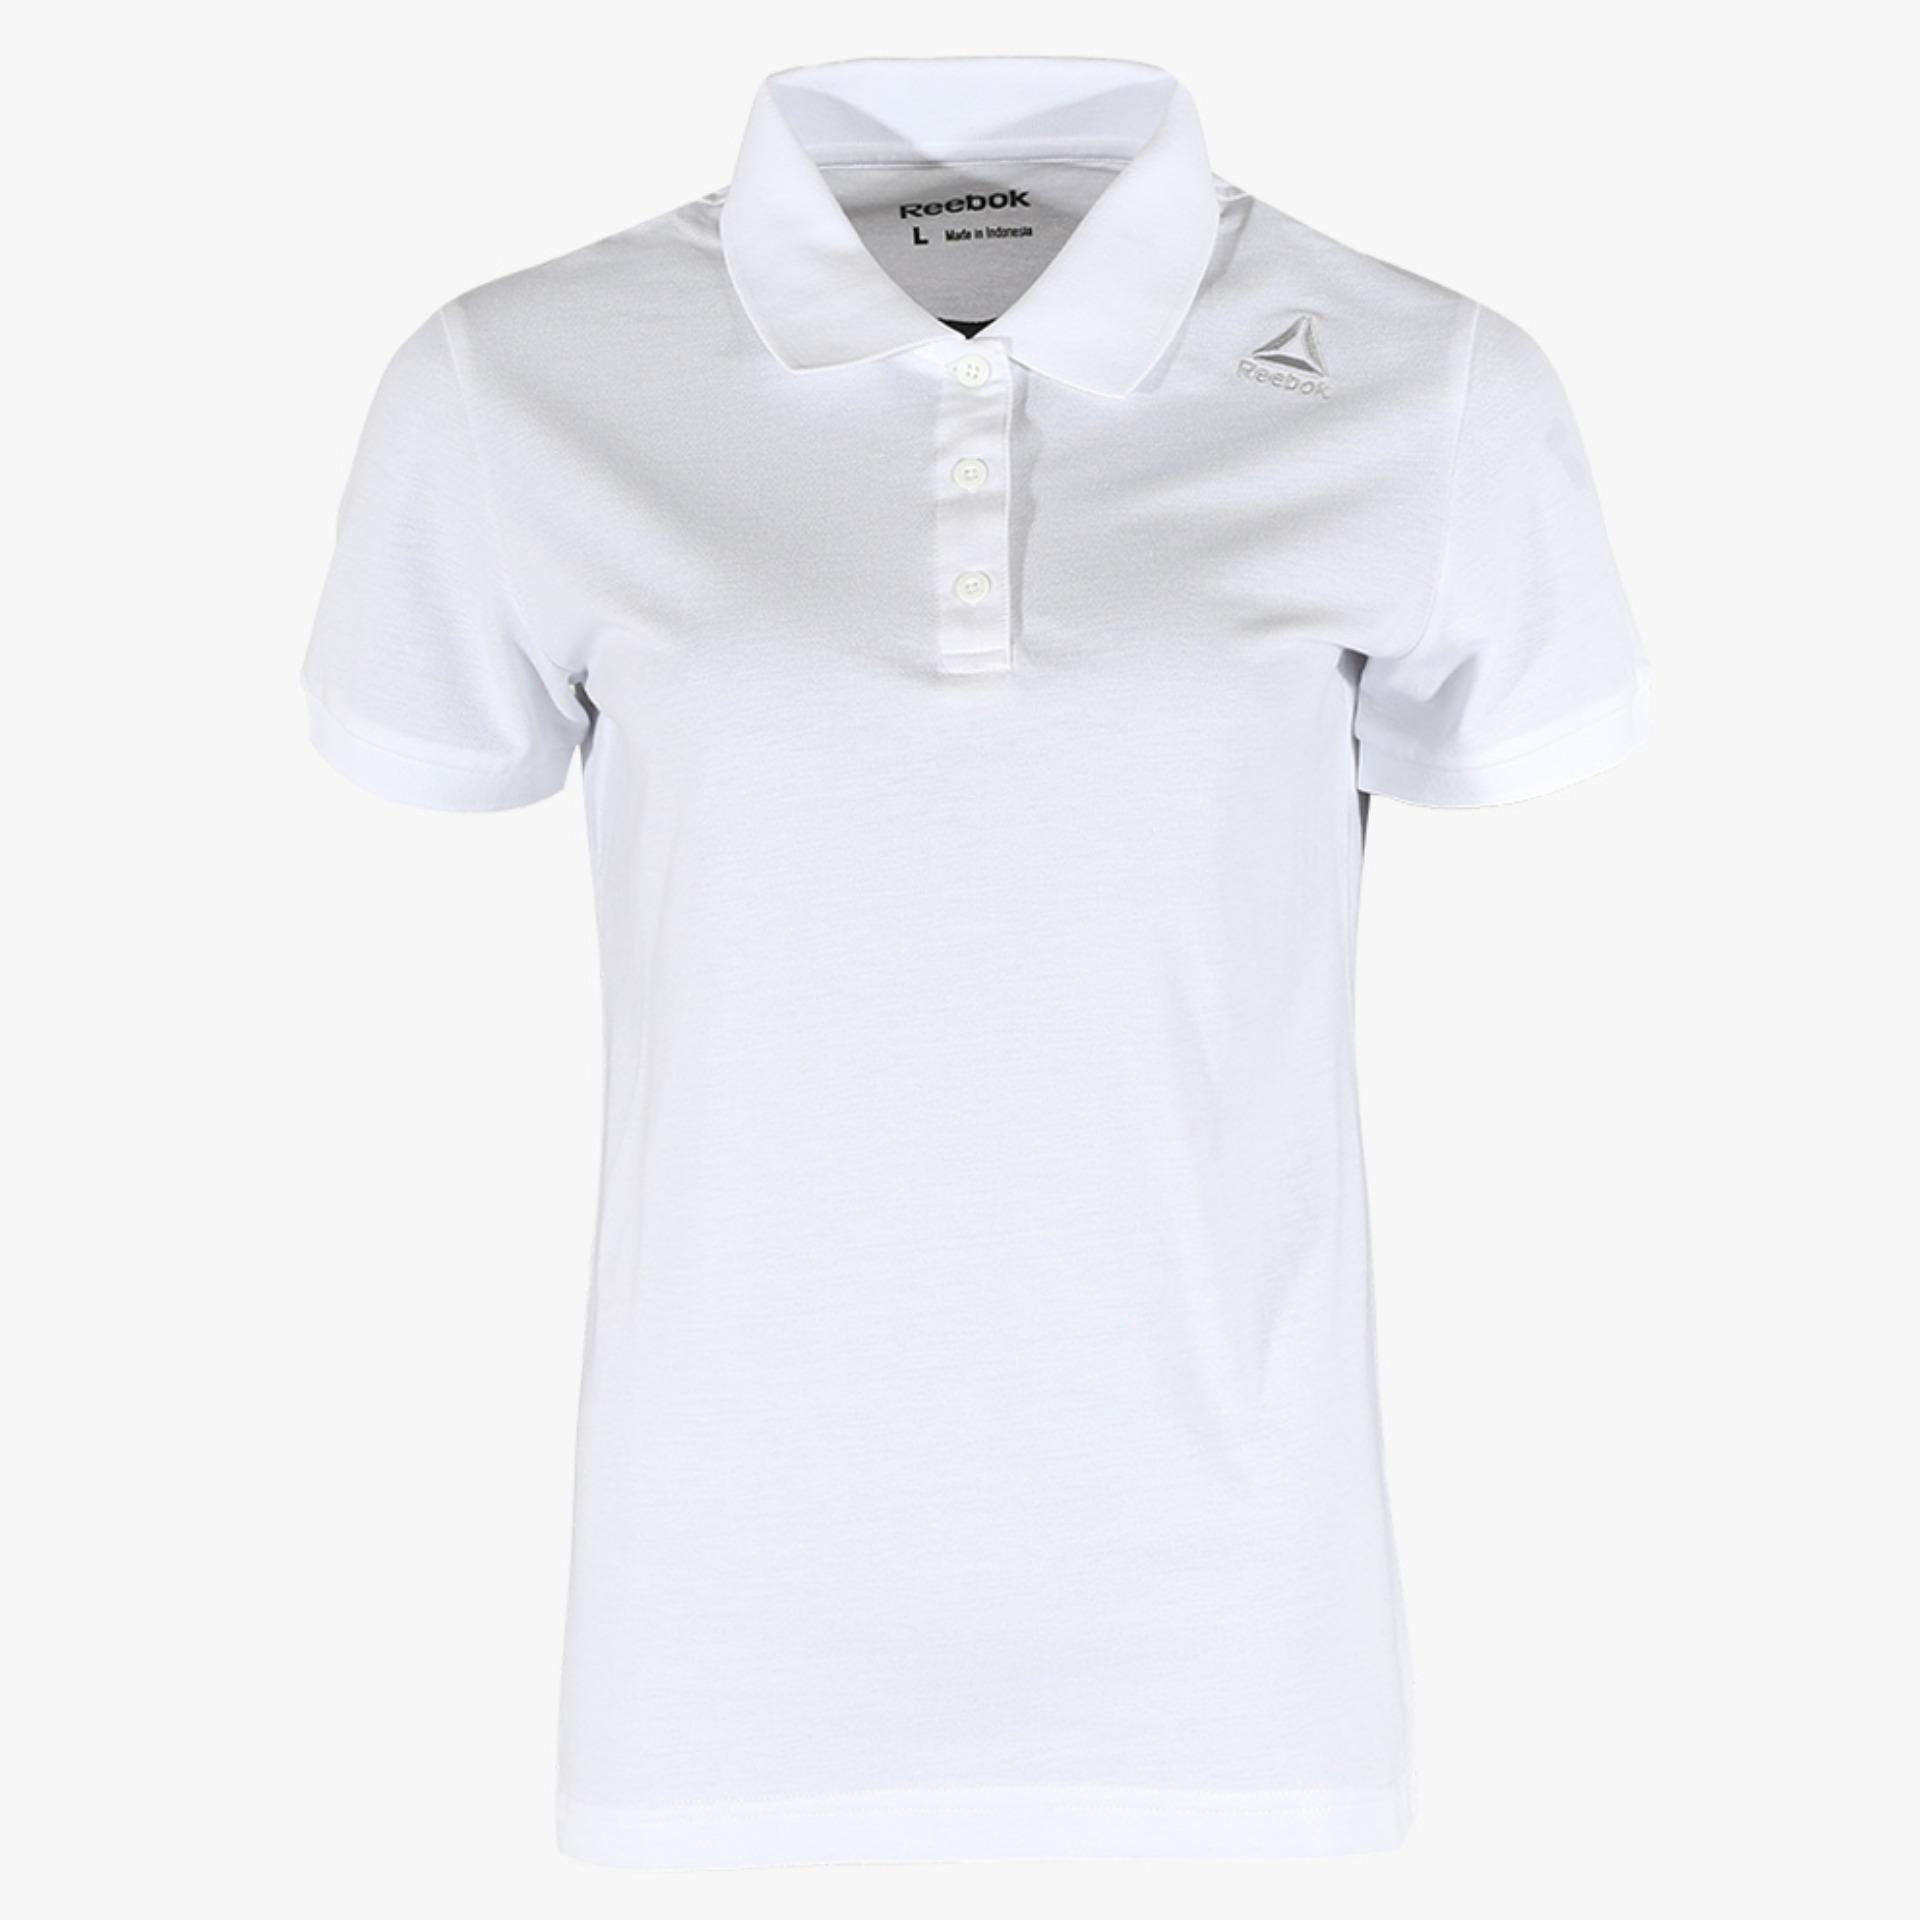 Reebok Basic Women's Polo - Putih - LazMall